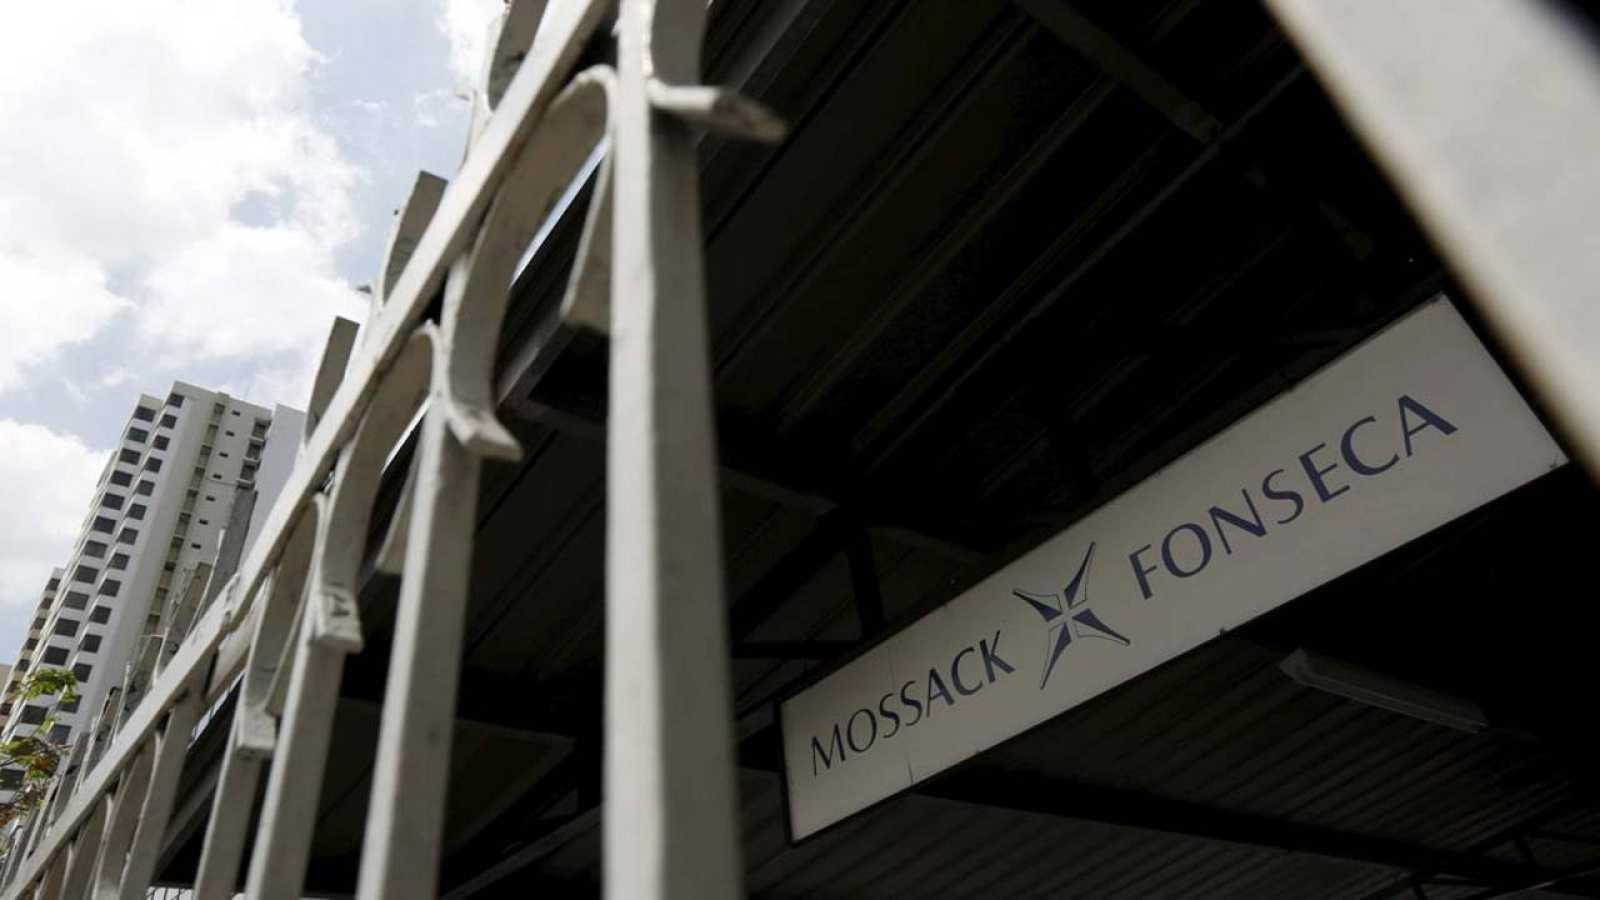 Oficina del bufete Mossack Fonseca en Ciudad de Panamá